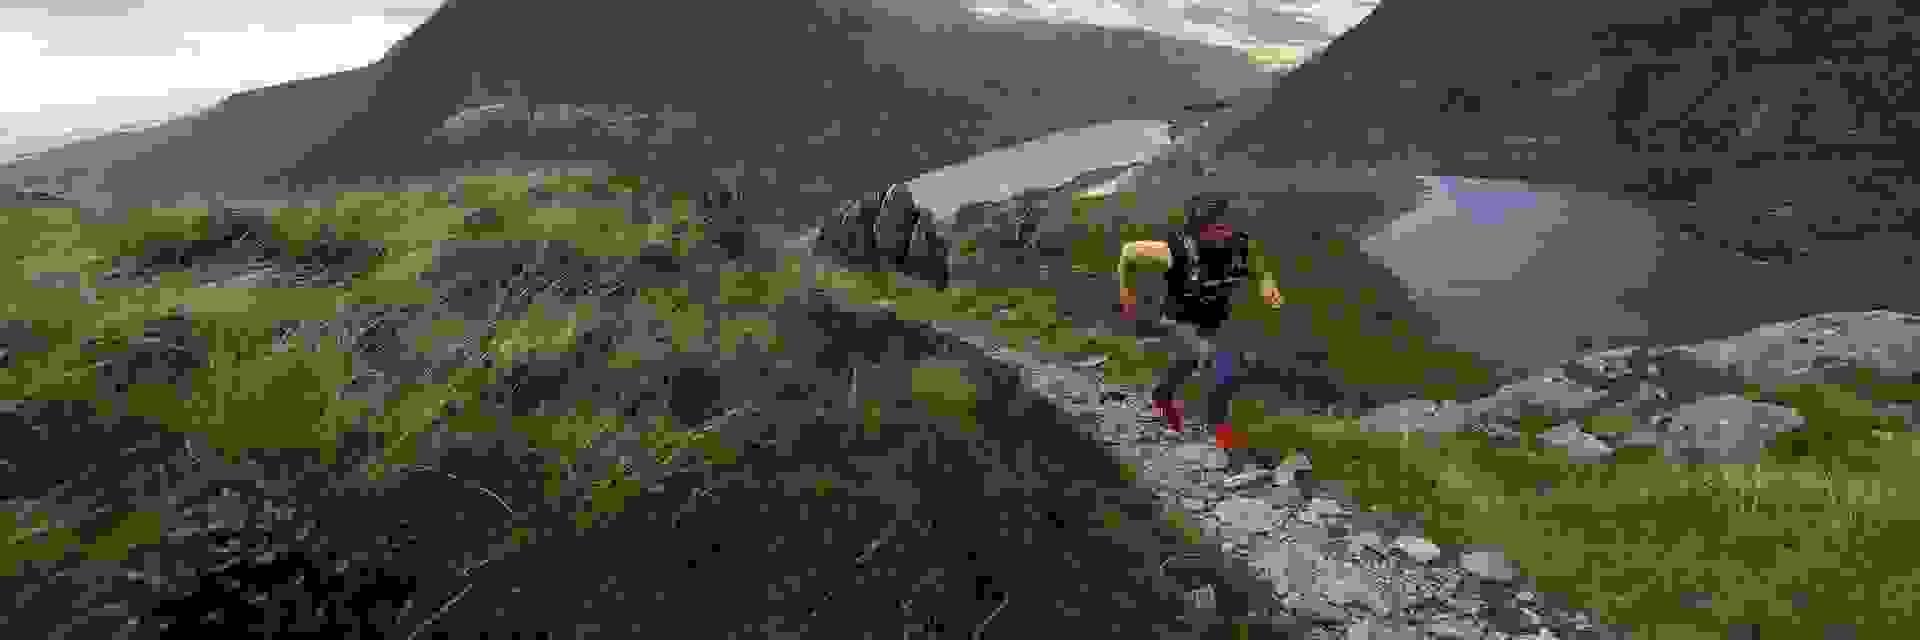 Ein Mann beim Trailrunning. Es geht auf einem steinigen Pfad steil bergauf.